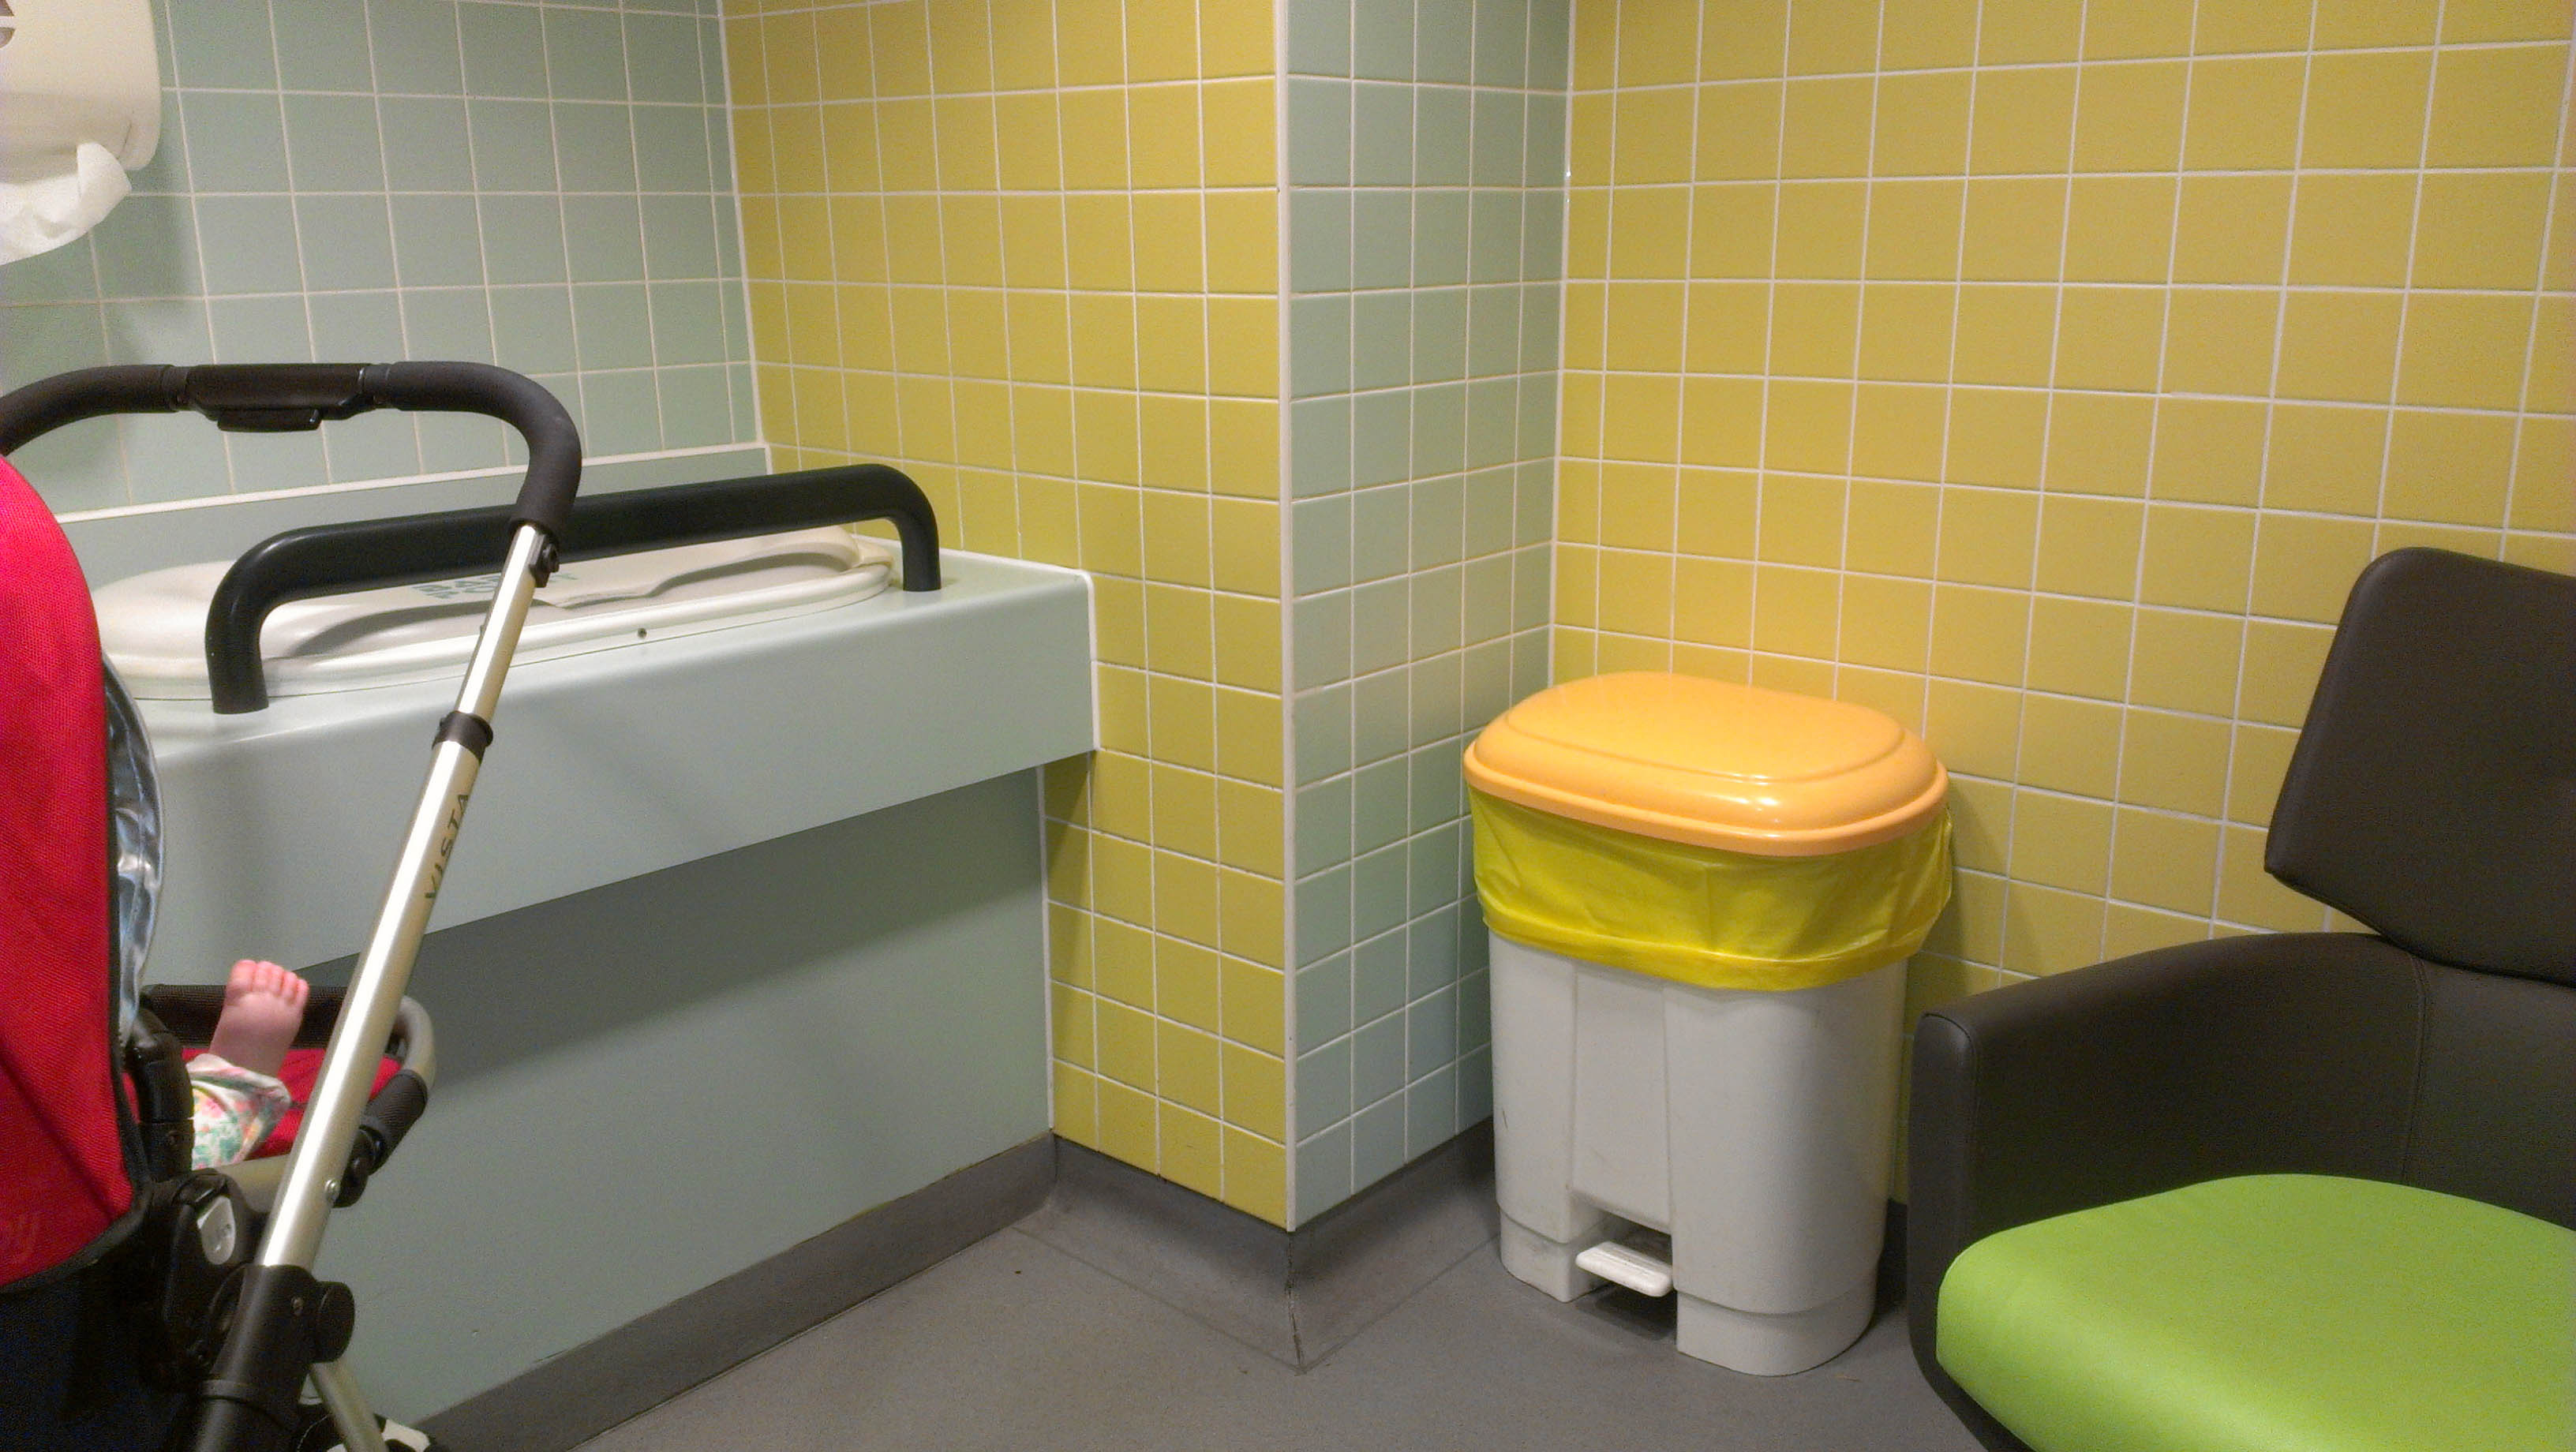 Az egyszerűséggel sincs semmi gond. Ez az oxfordi helyiség ugyan nem túldíszített, de minden igényt kielégít, ami felmerülhet pelenkázás és szoptatás esetén.